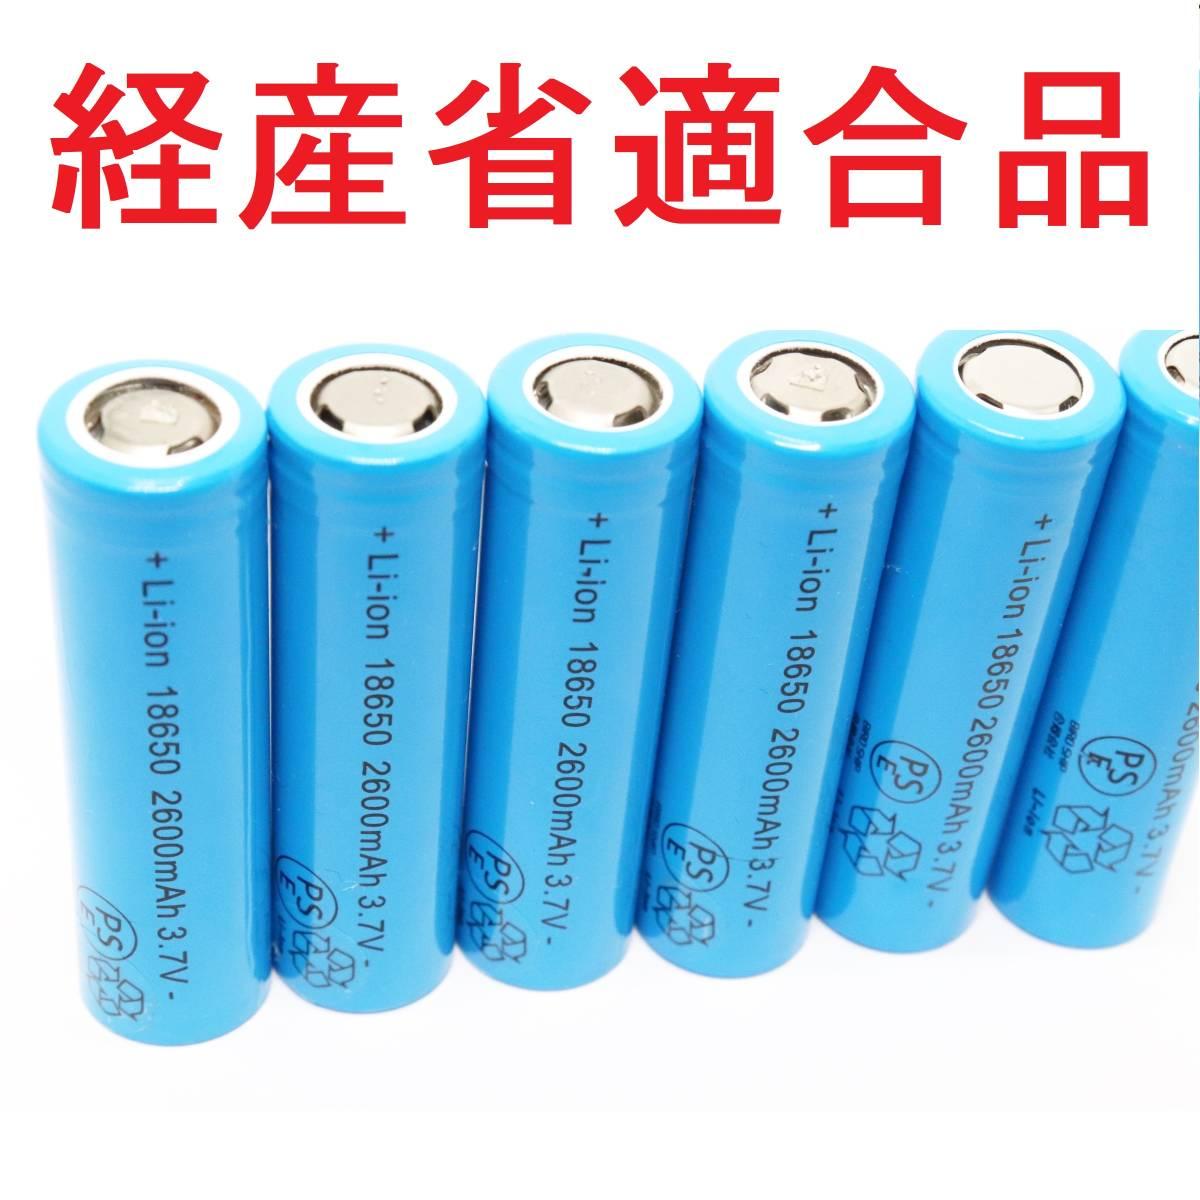 ★65.5x18.2mm 18650 フラット リチウムイオン 充電池 自作 モバイルバッテリー ノートパソコン 電動ドライバー ドリル 工具 05_画像1